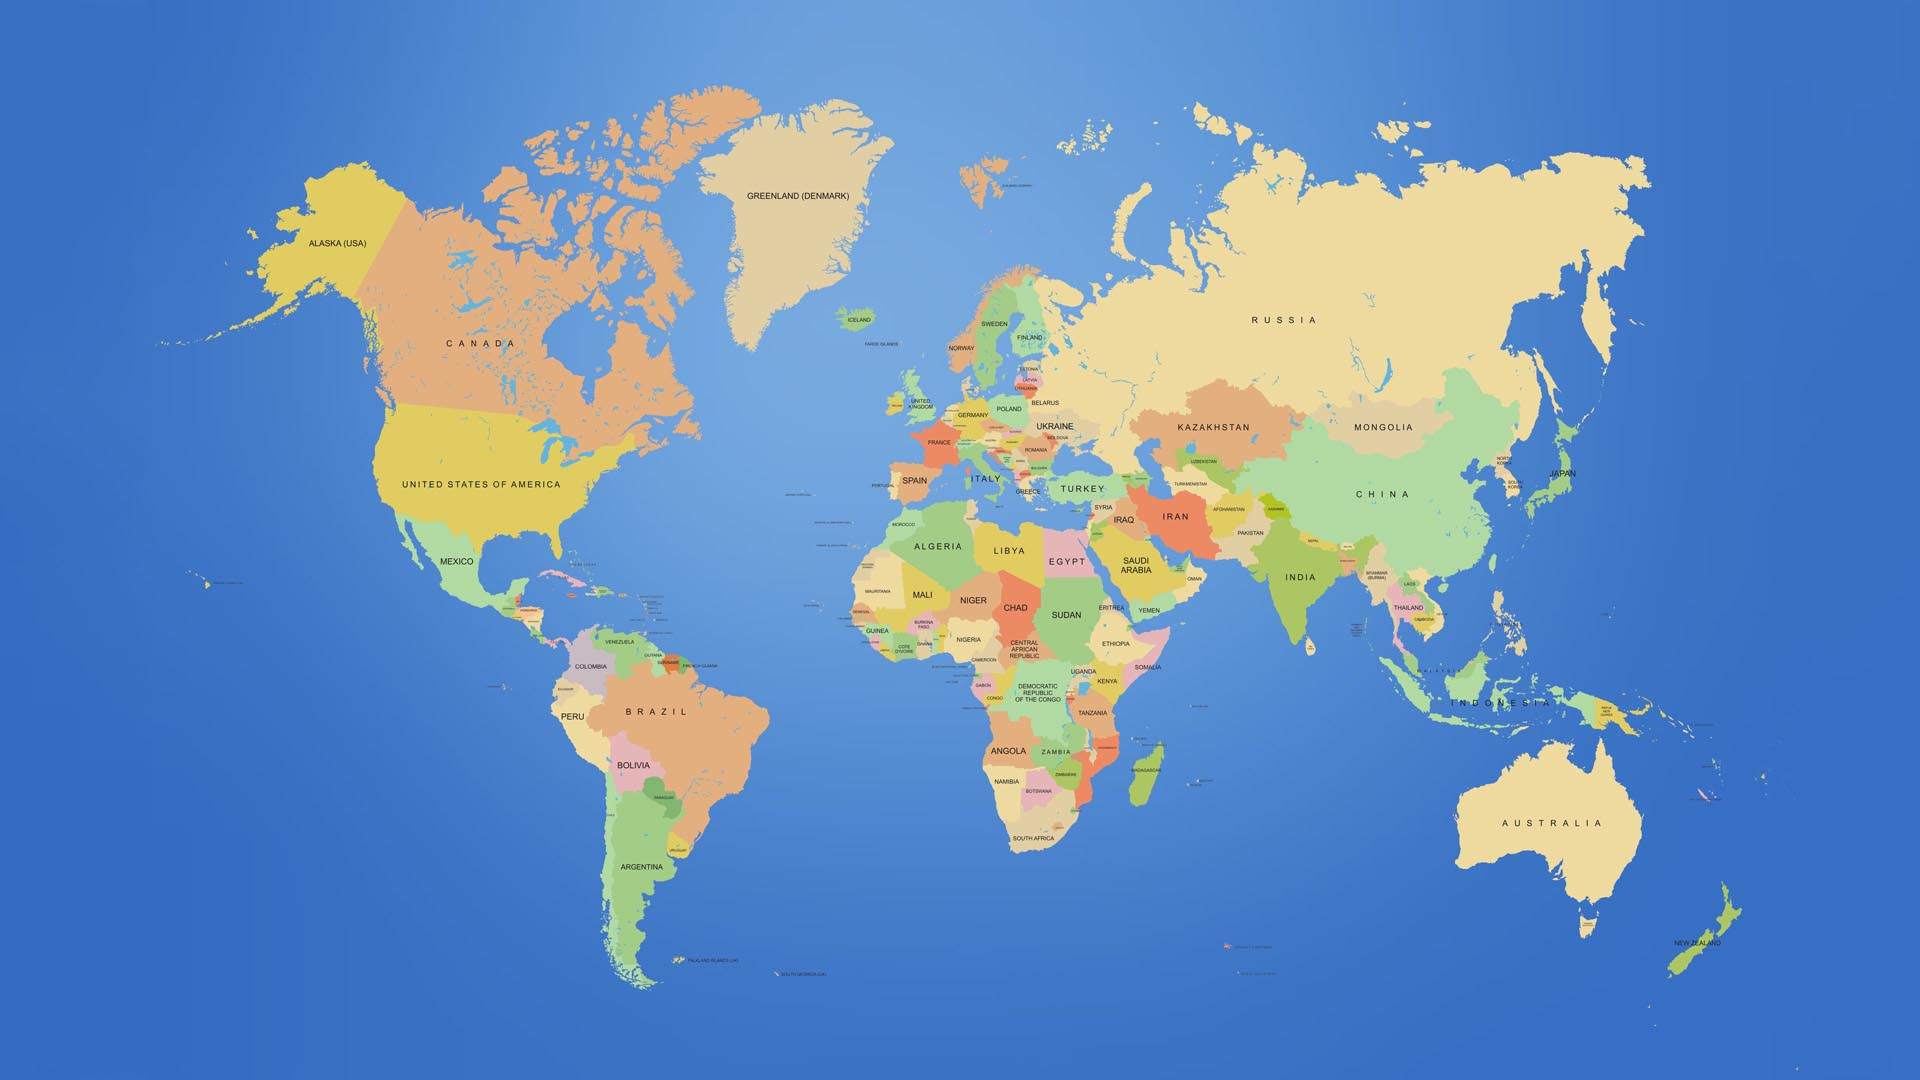 World Map Wallpaper 6258 1920x1080 px